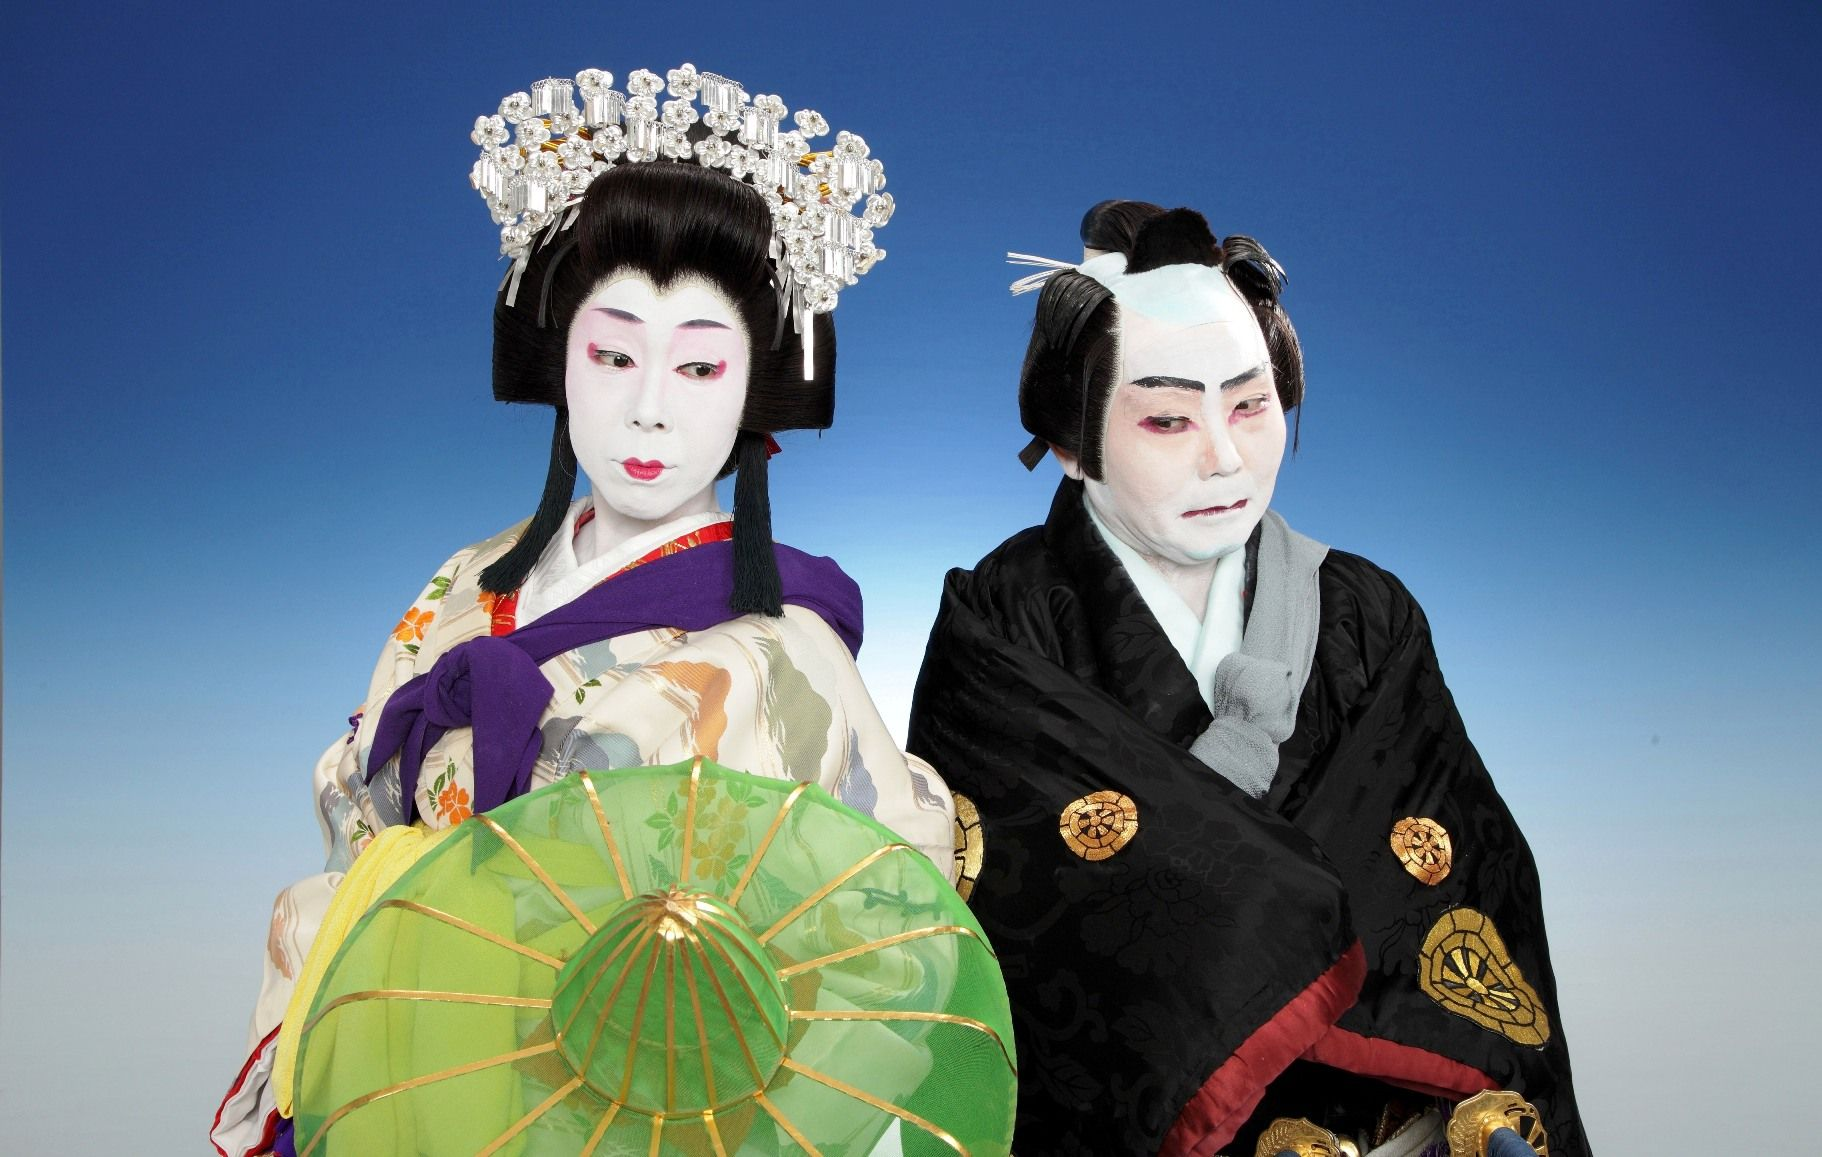 Kabuki-Dance-L-R-Nishizaki-Emino-Bando-KotojiToshio-Kiyofuji.jpg